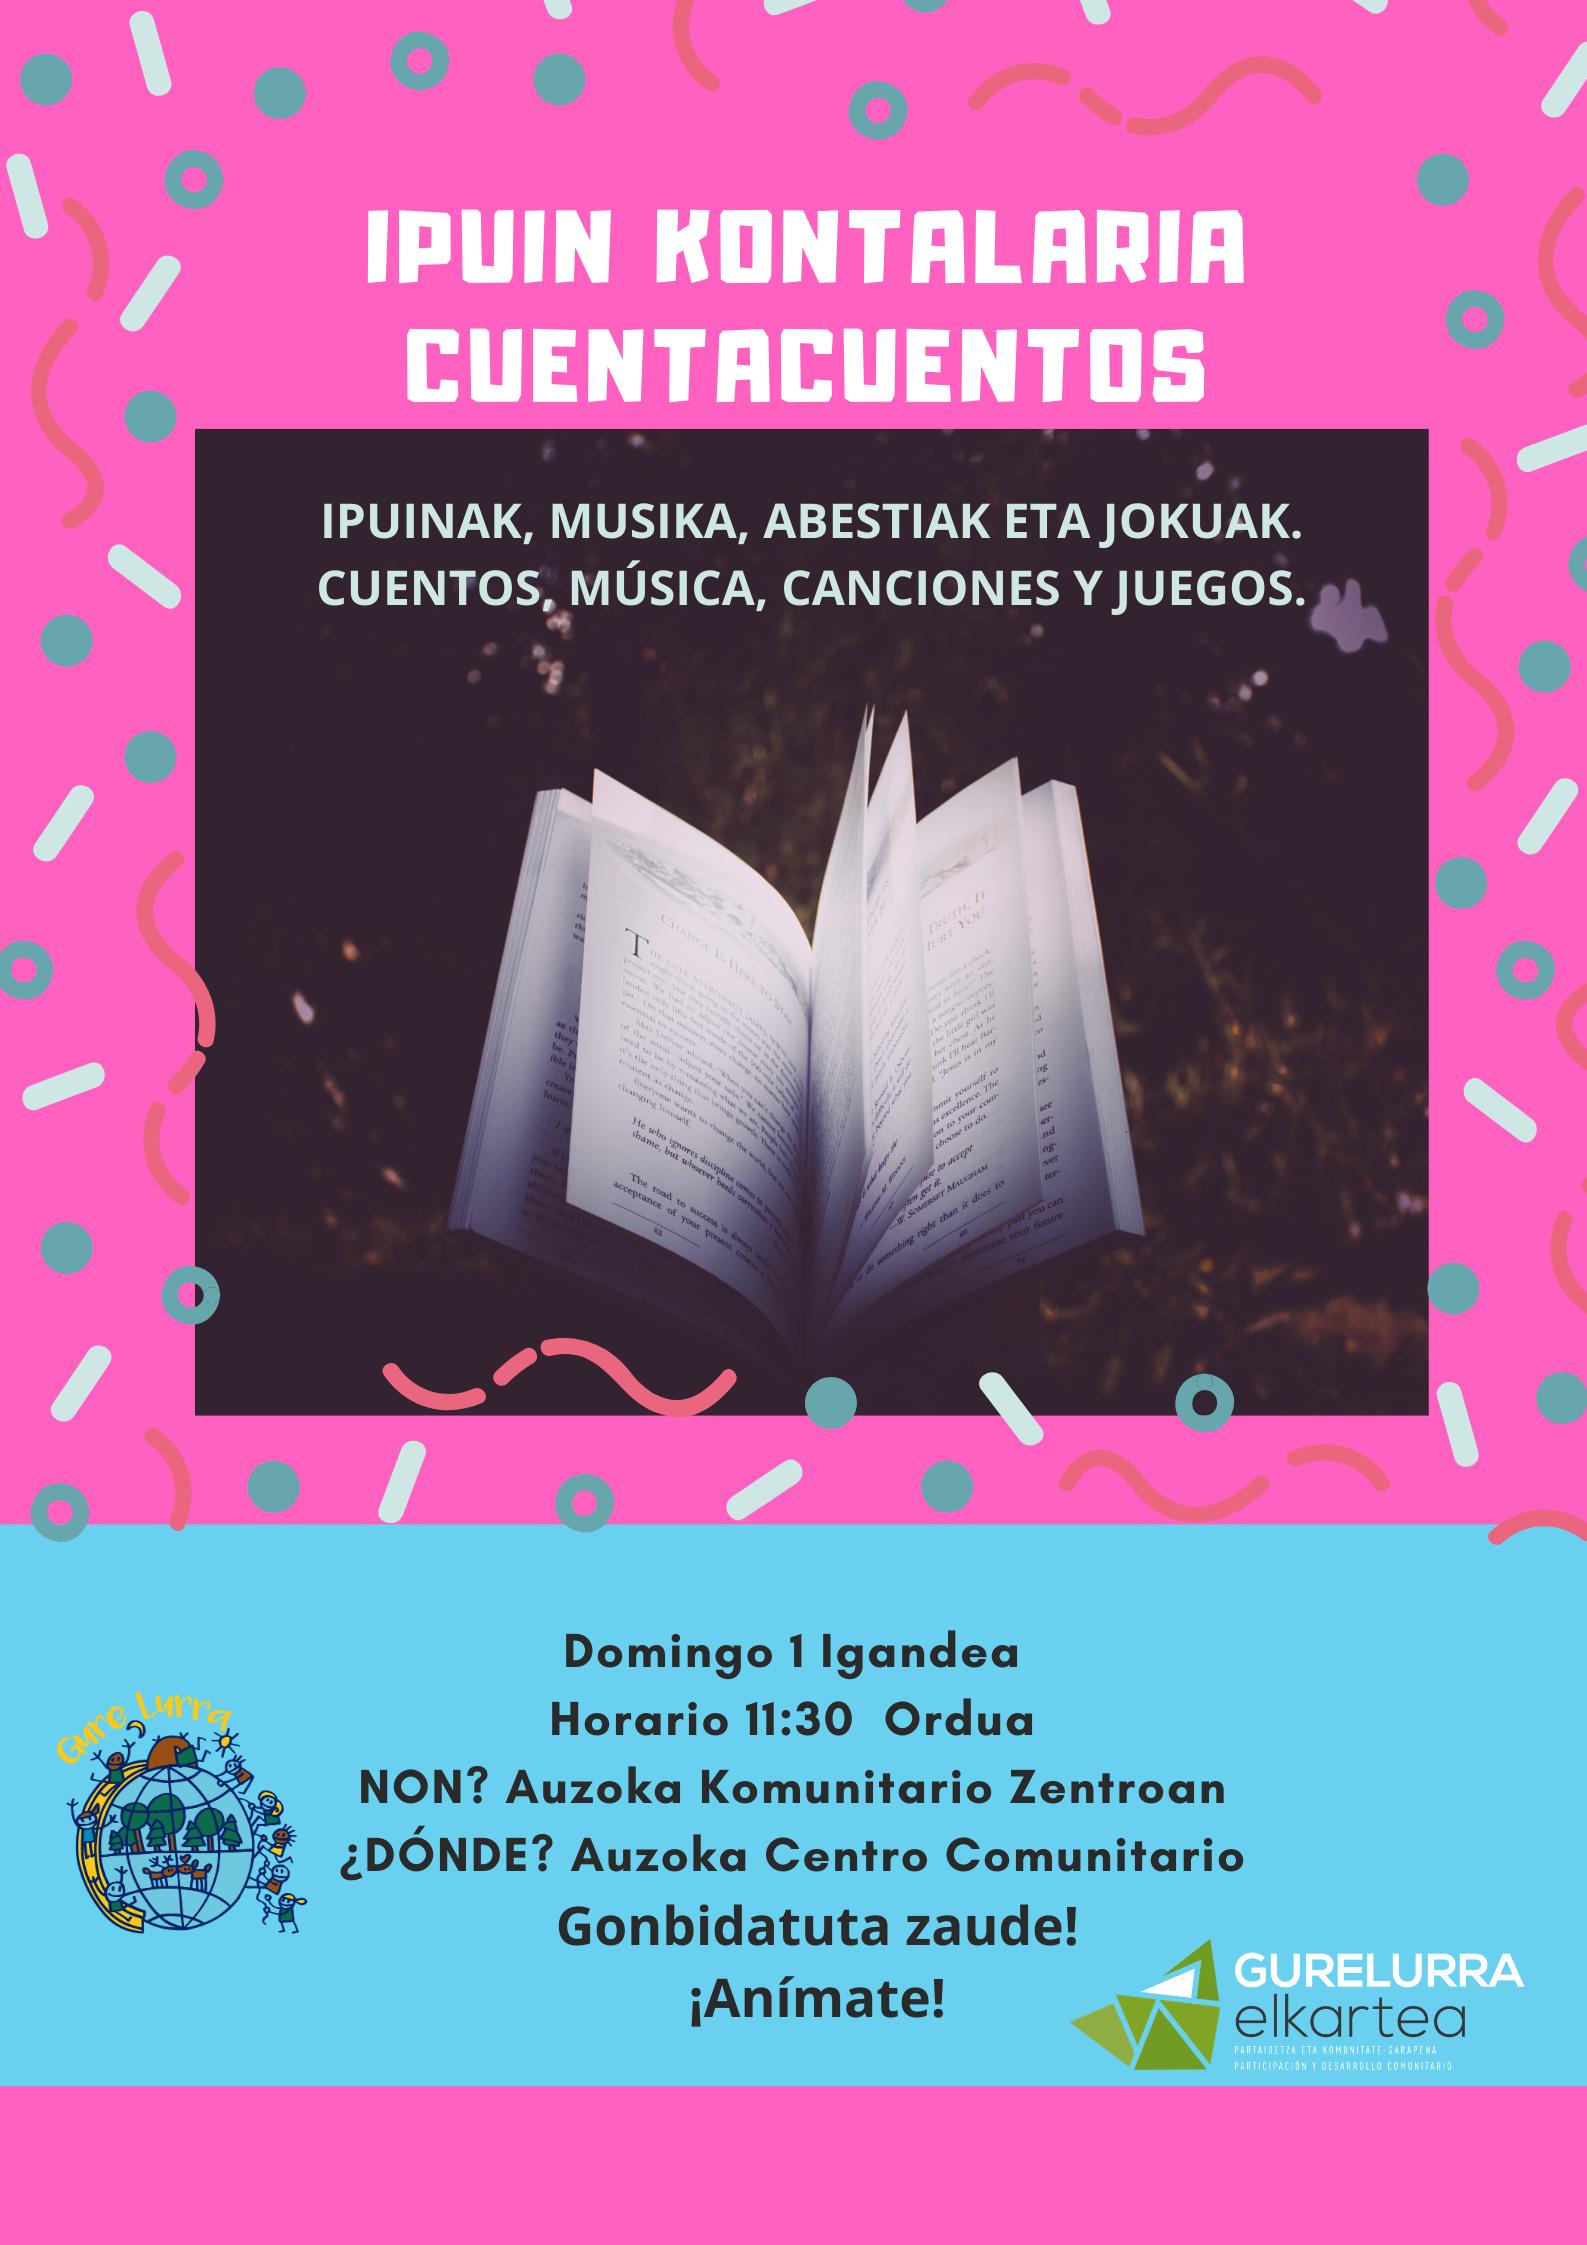 Día del Euskera: cuentacuentos sobre la mitología, el idioma y la cultura vasca.